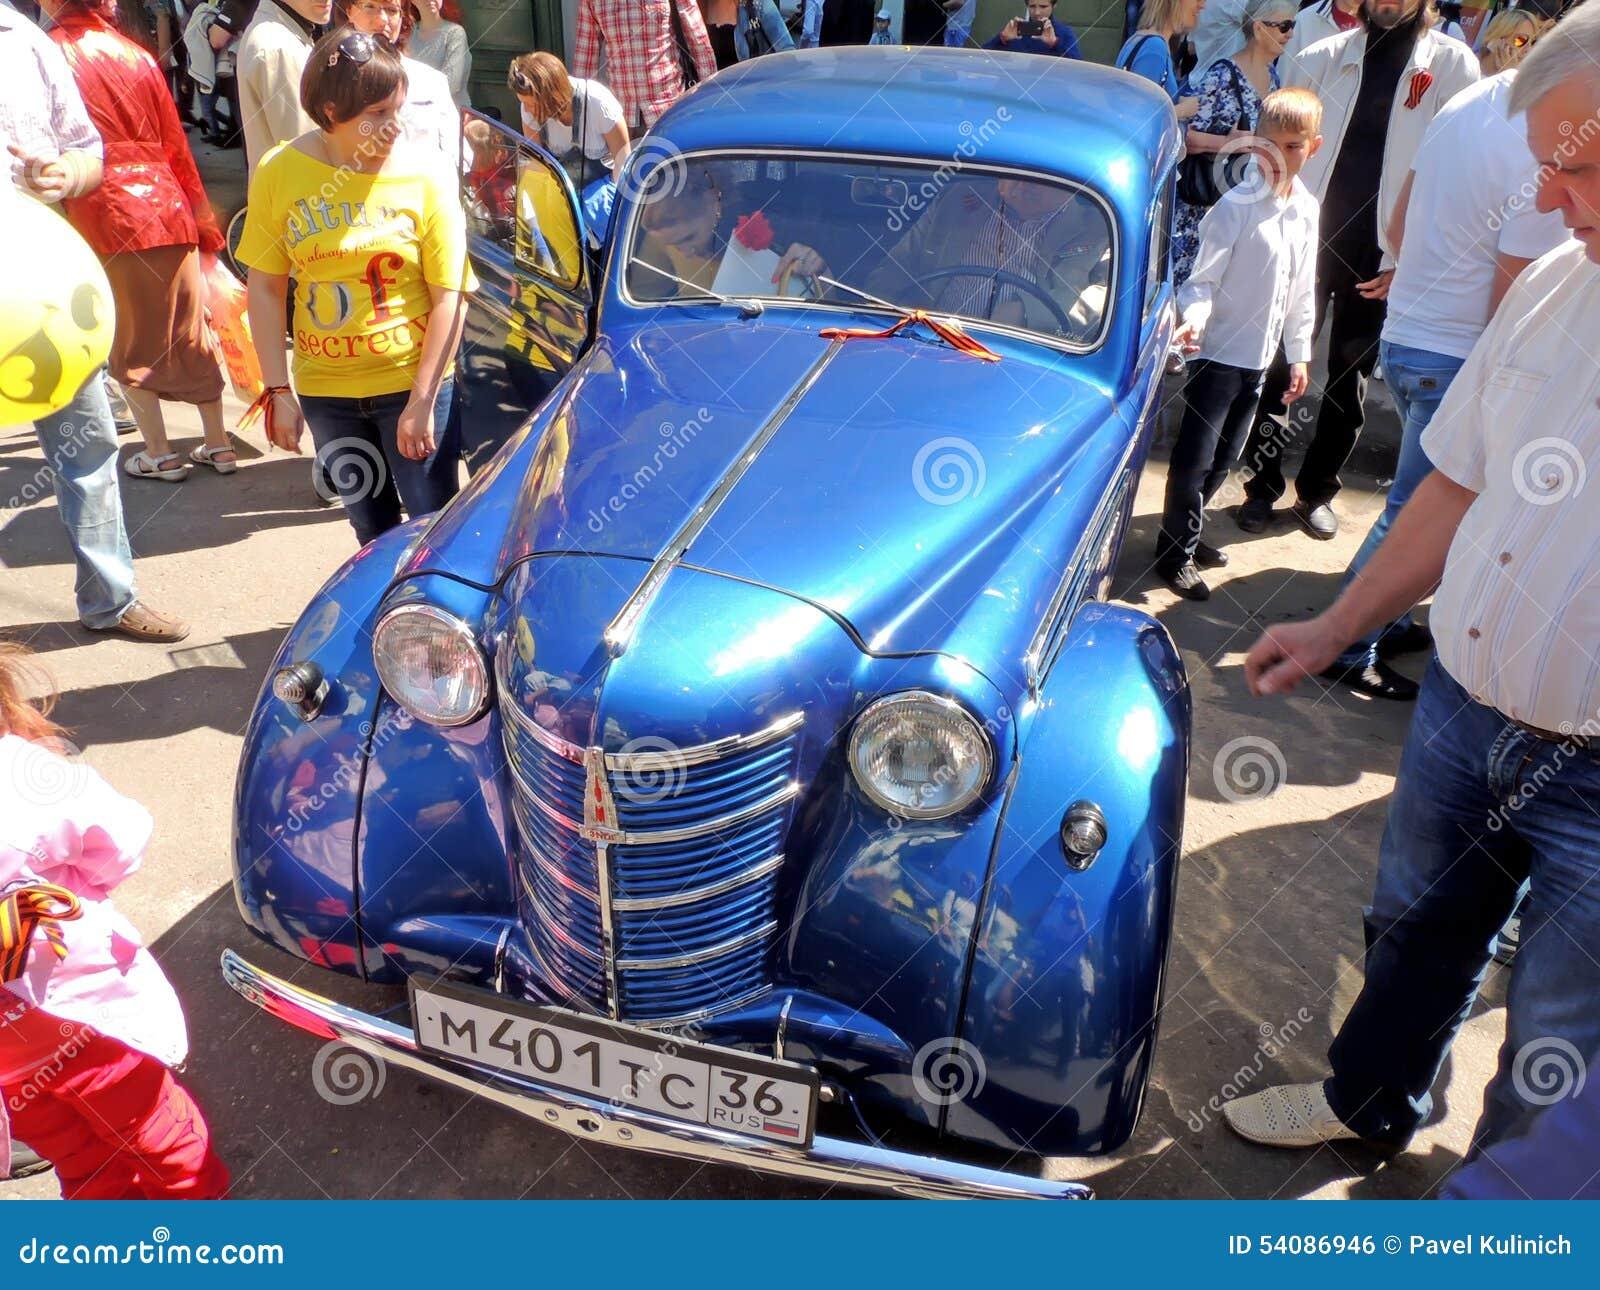 Sovjeteconomie retrocar van jaren  50 Moskvitch 400(401)